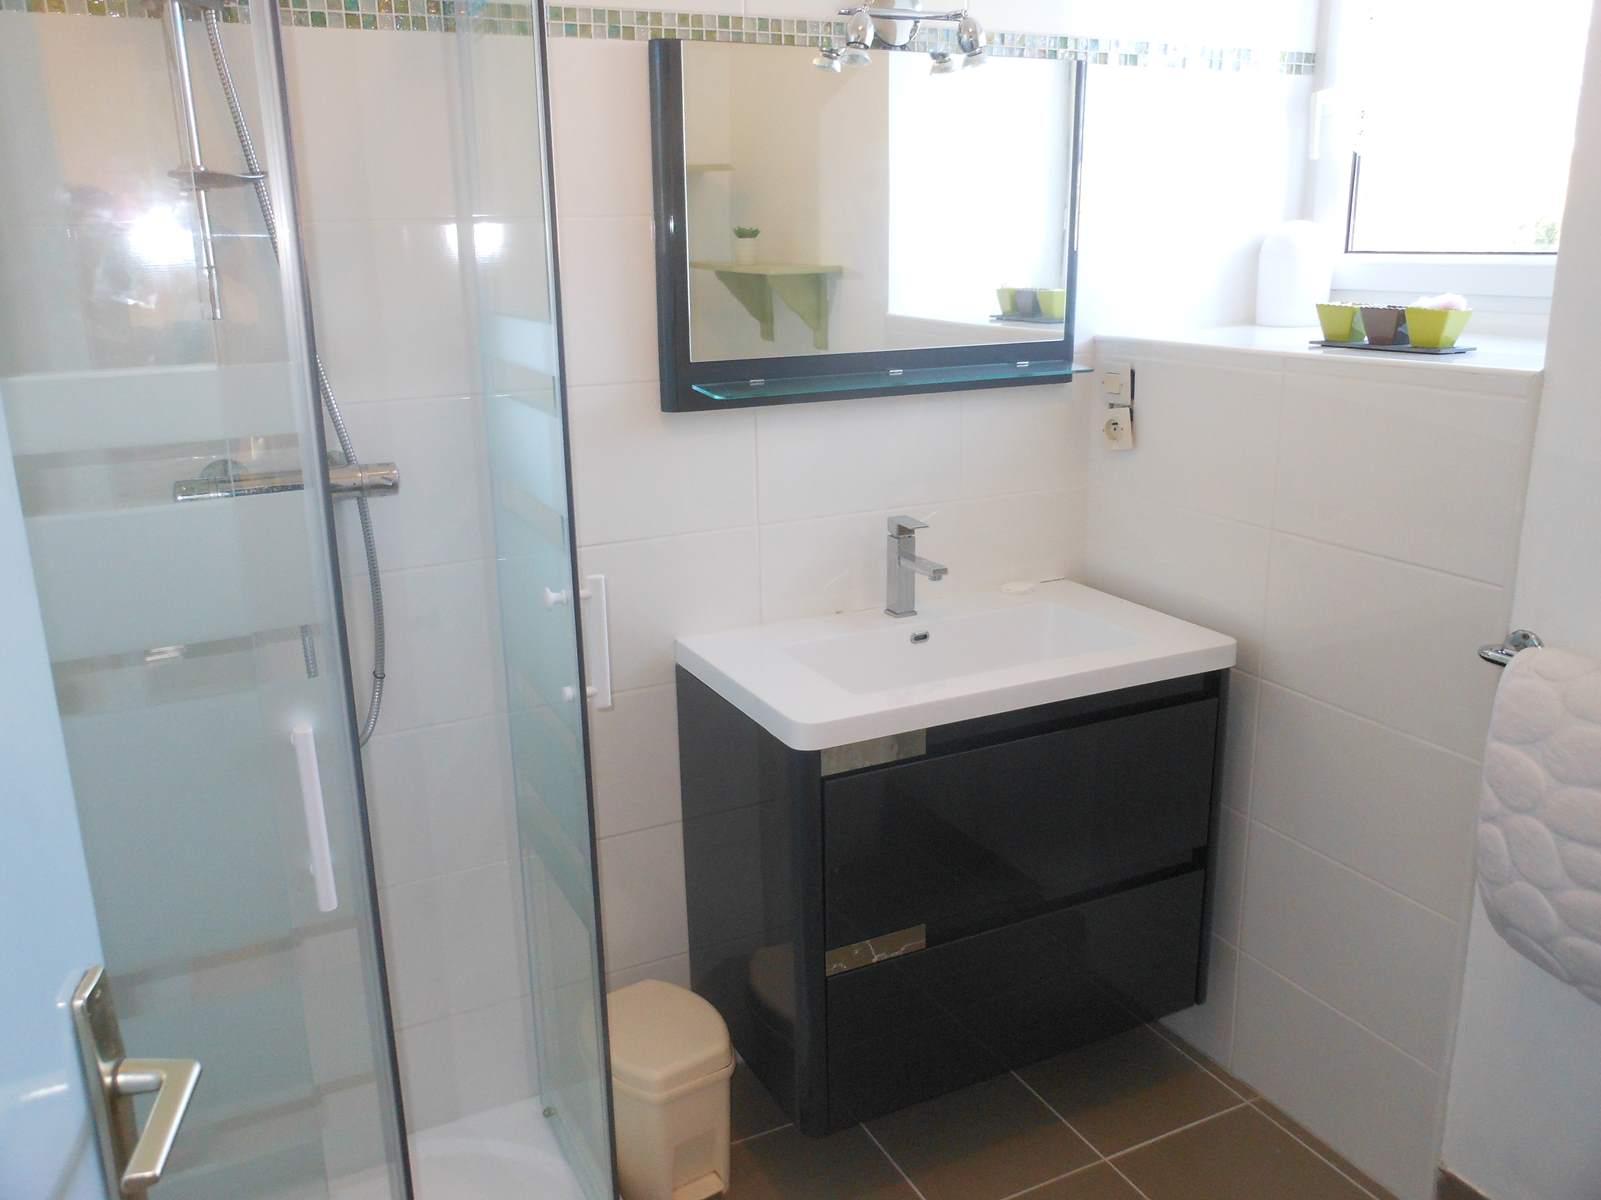 le meuble-vasque de la salle de bain